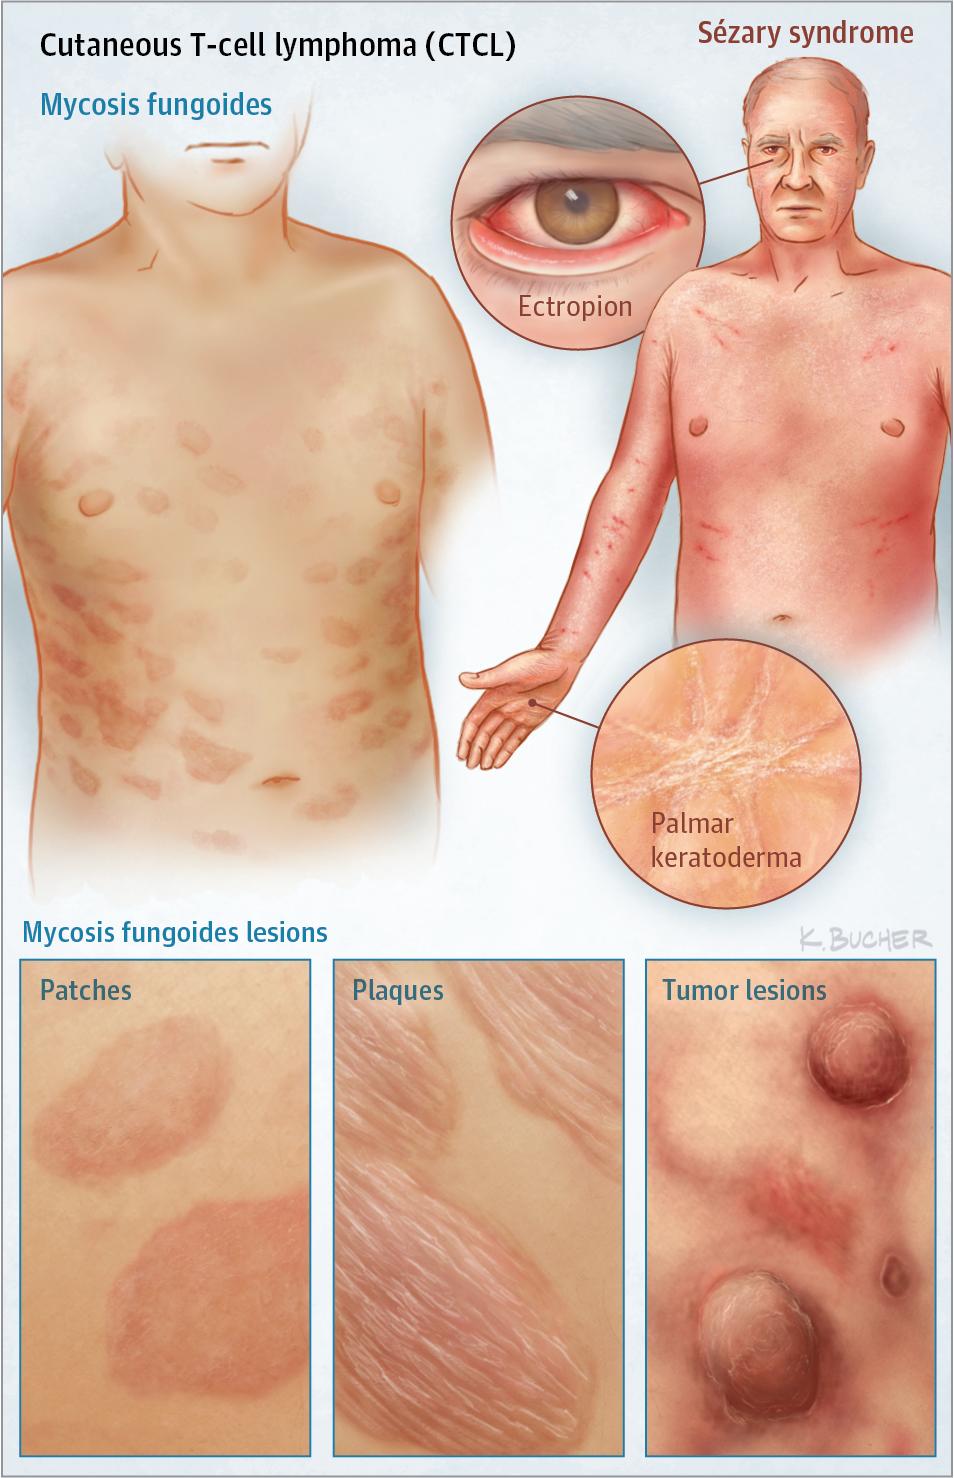 لنفوم سلول T پوستی